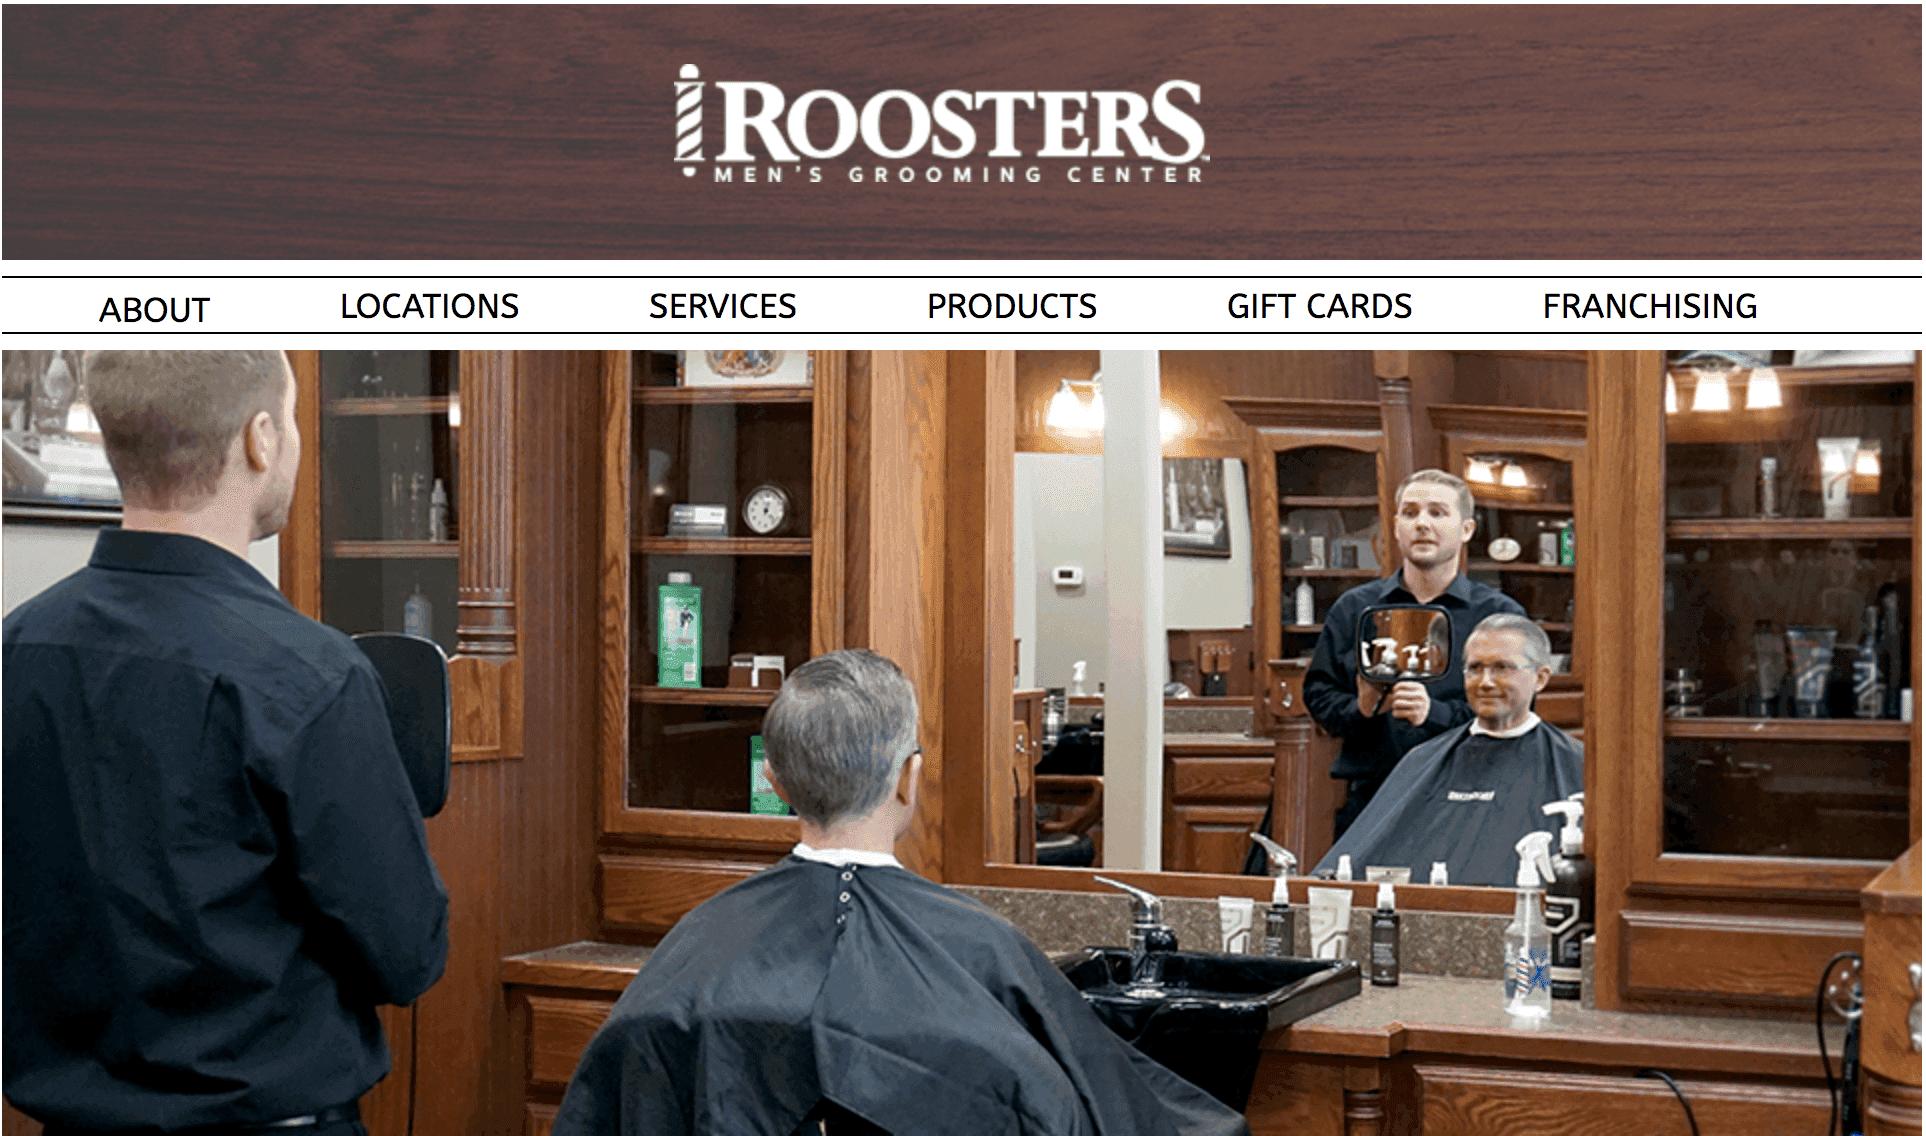 Roosters Men's Grooming